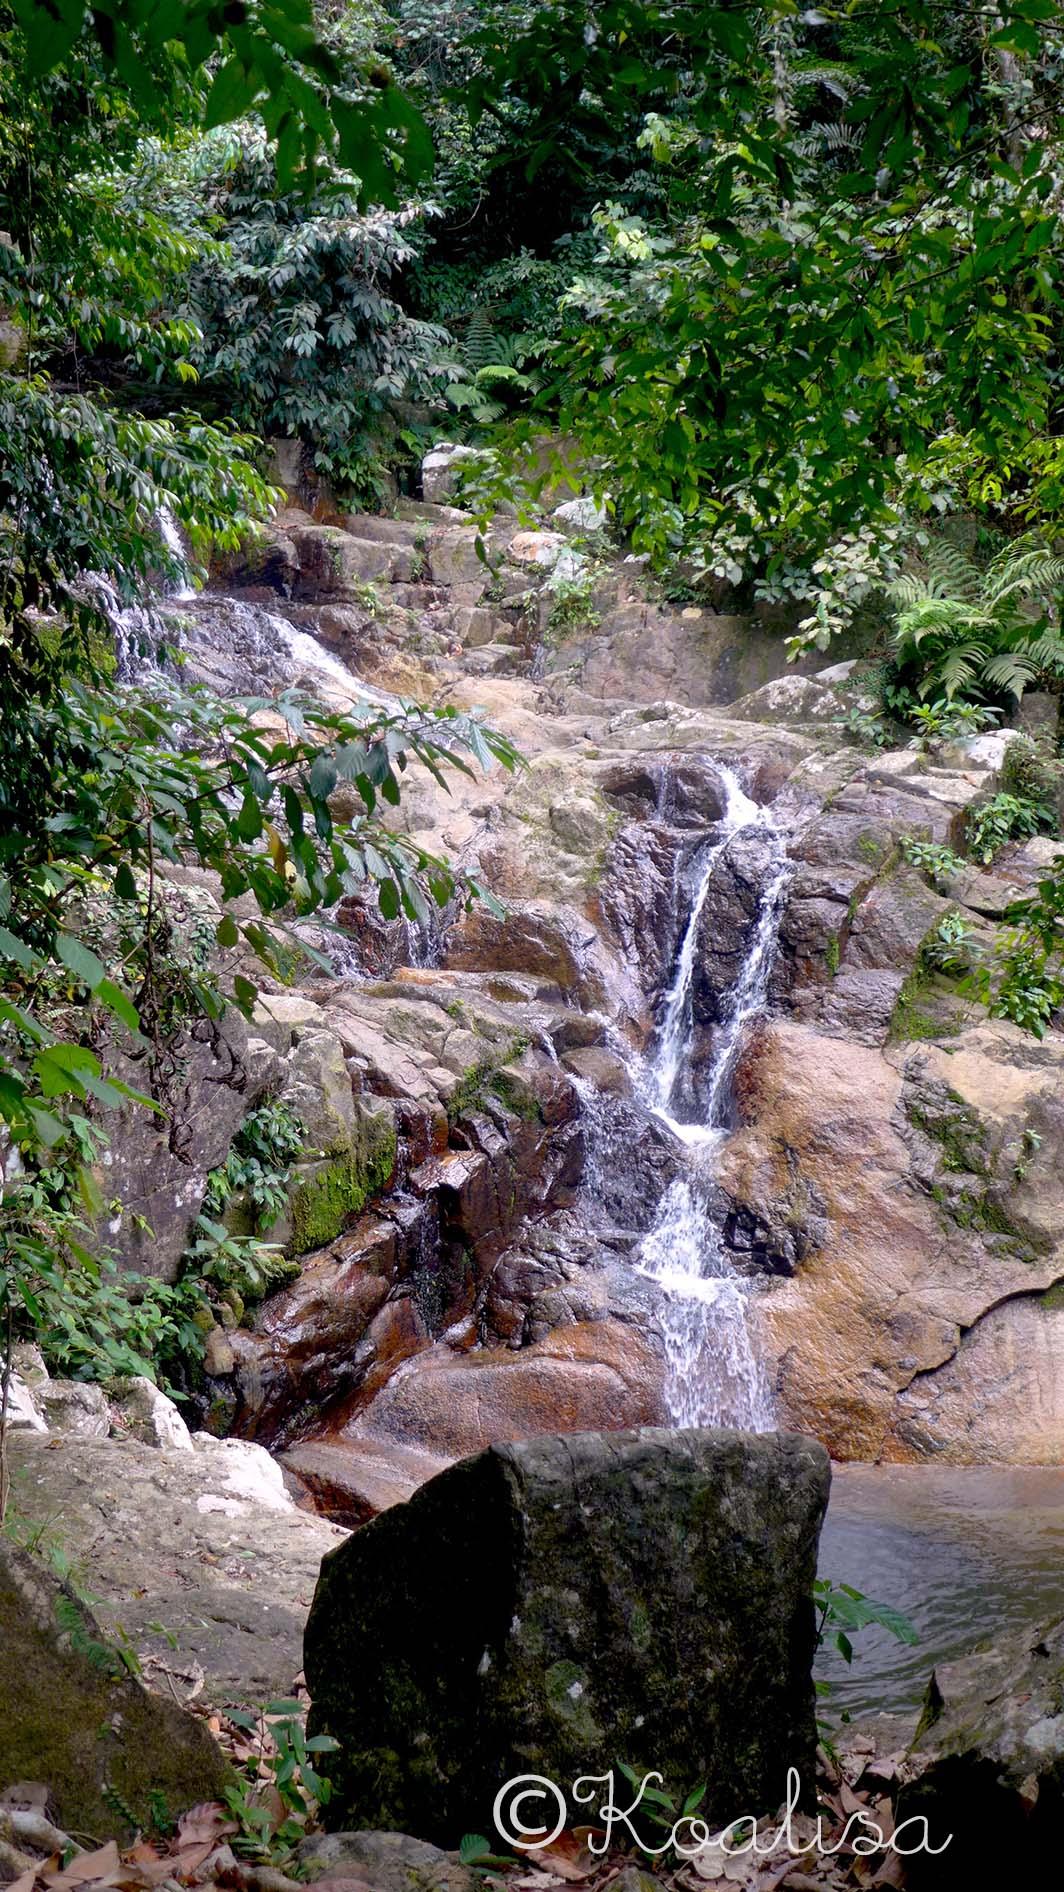 Asah Falls